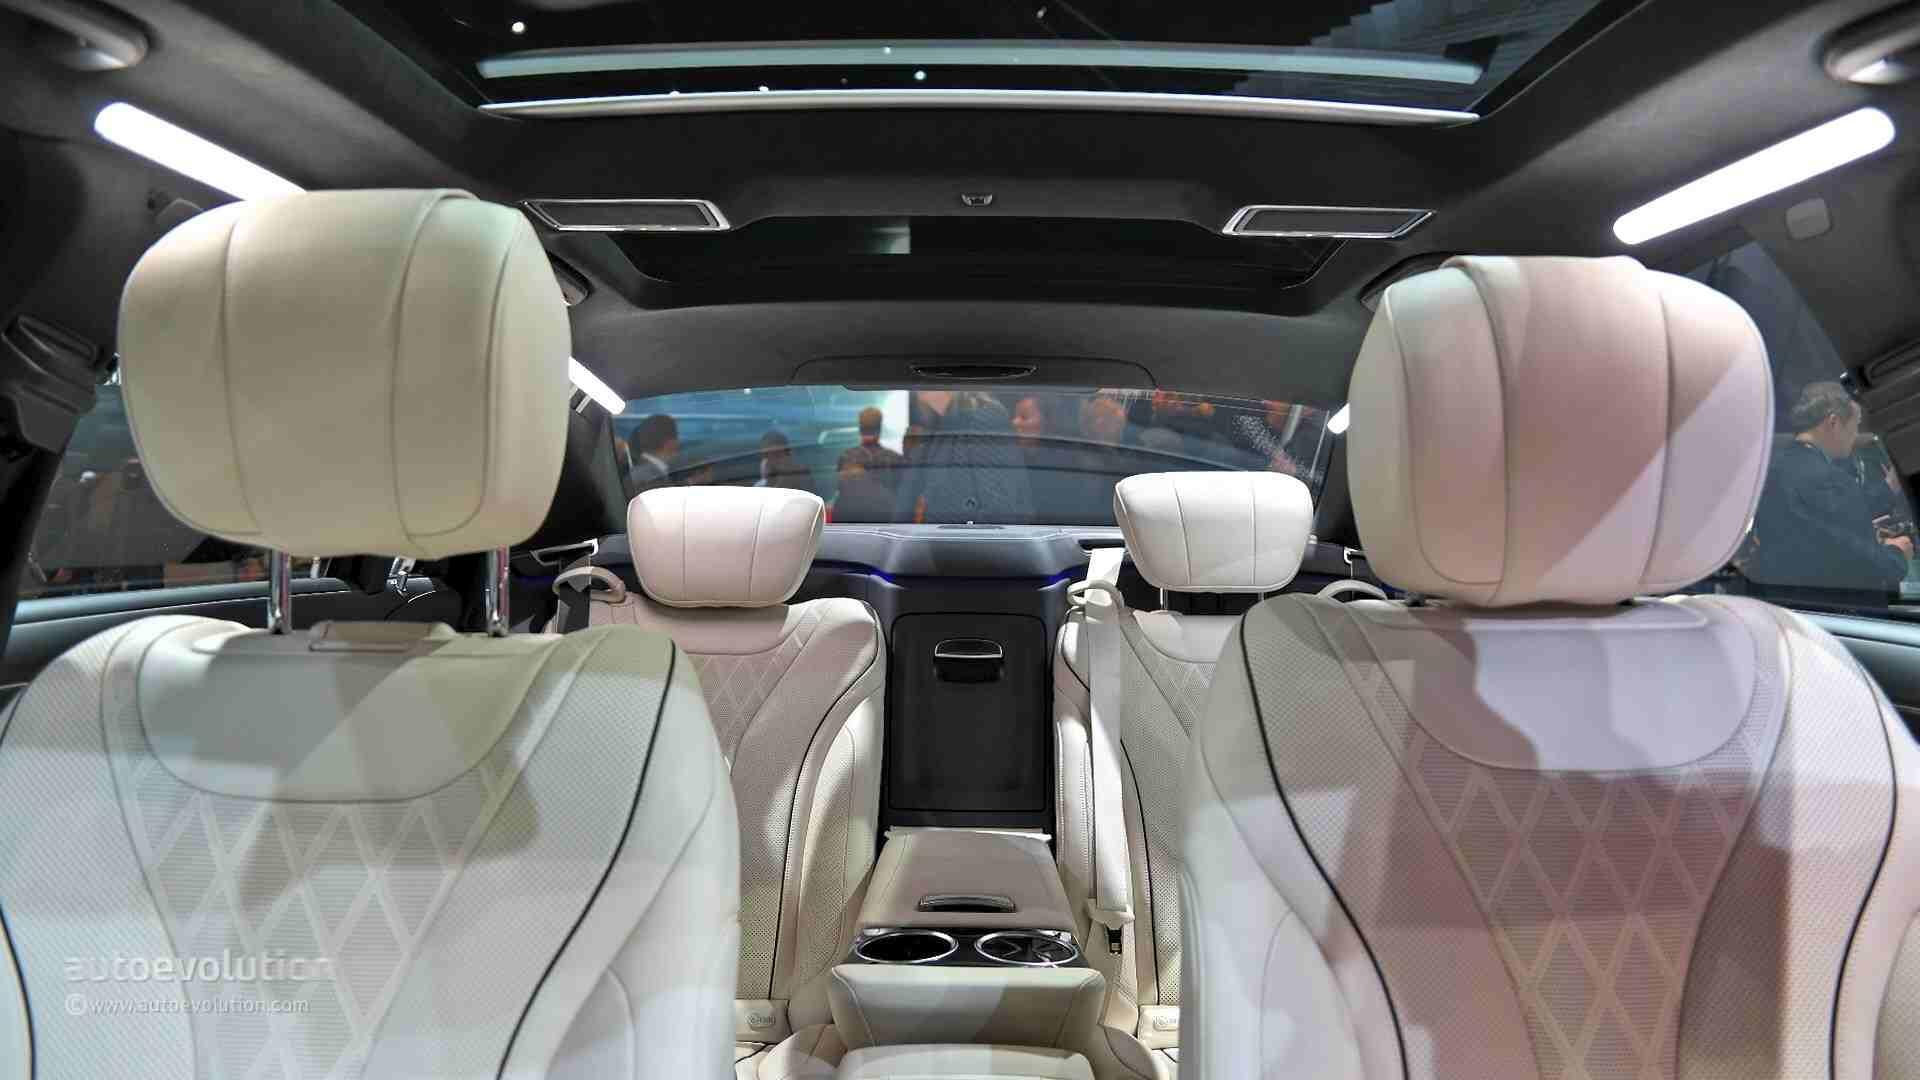 2015 mercedes benz s550 plug in hybrid 29 - S550 Plug In Hybrid